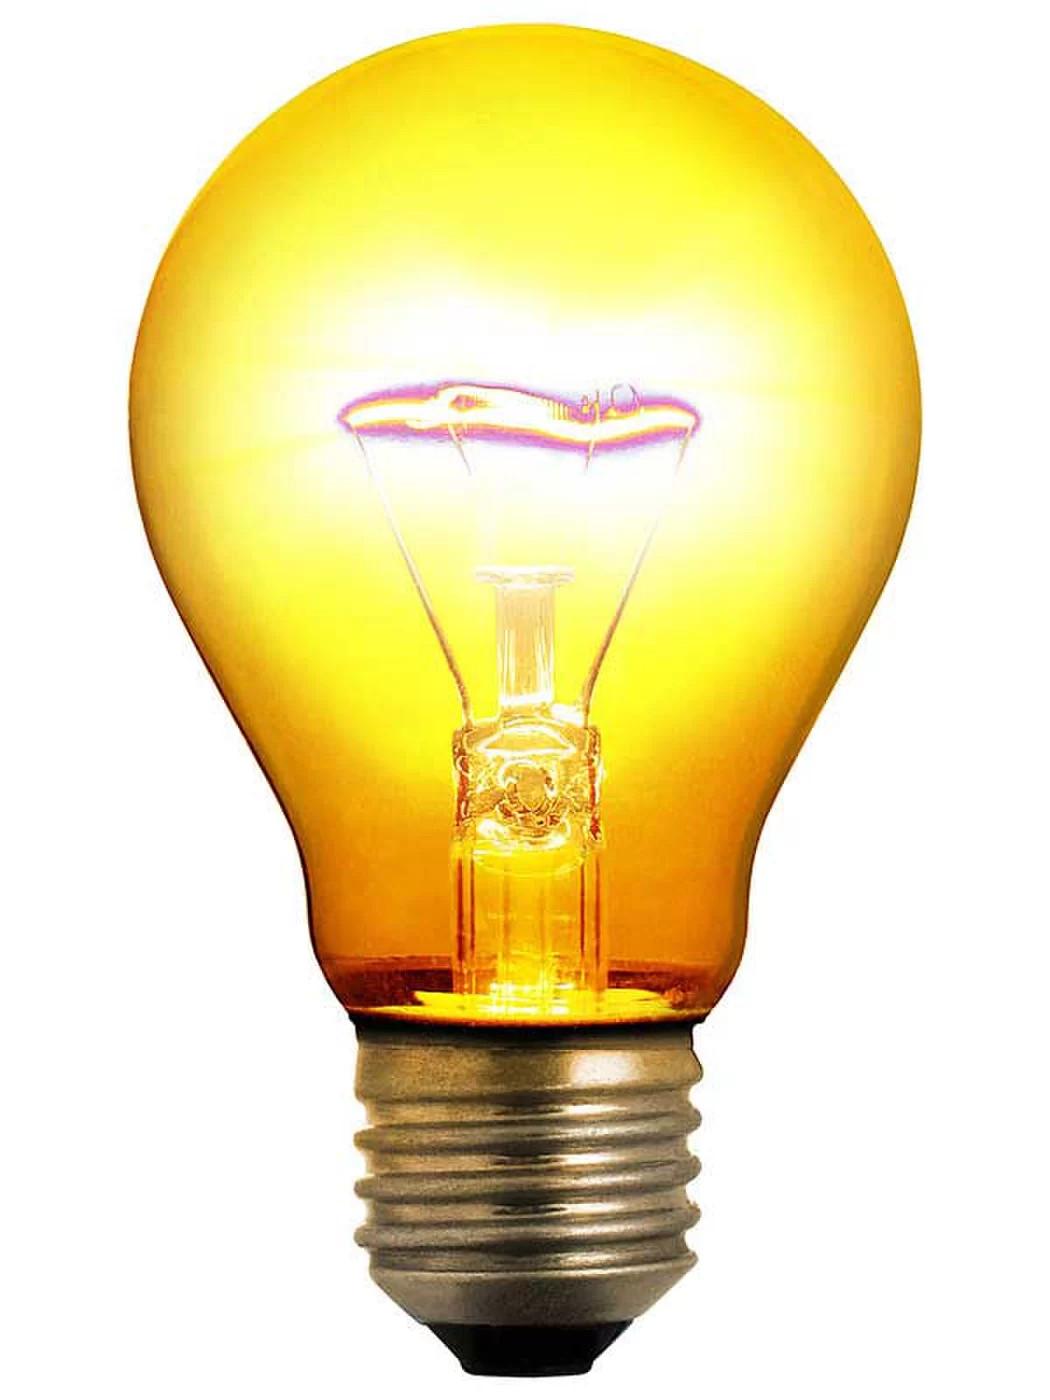 Câu chuyện về bóng đèn bắt đầu rất lâu trước khi Edison được cấp bằng sáng chế bóng đèn.